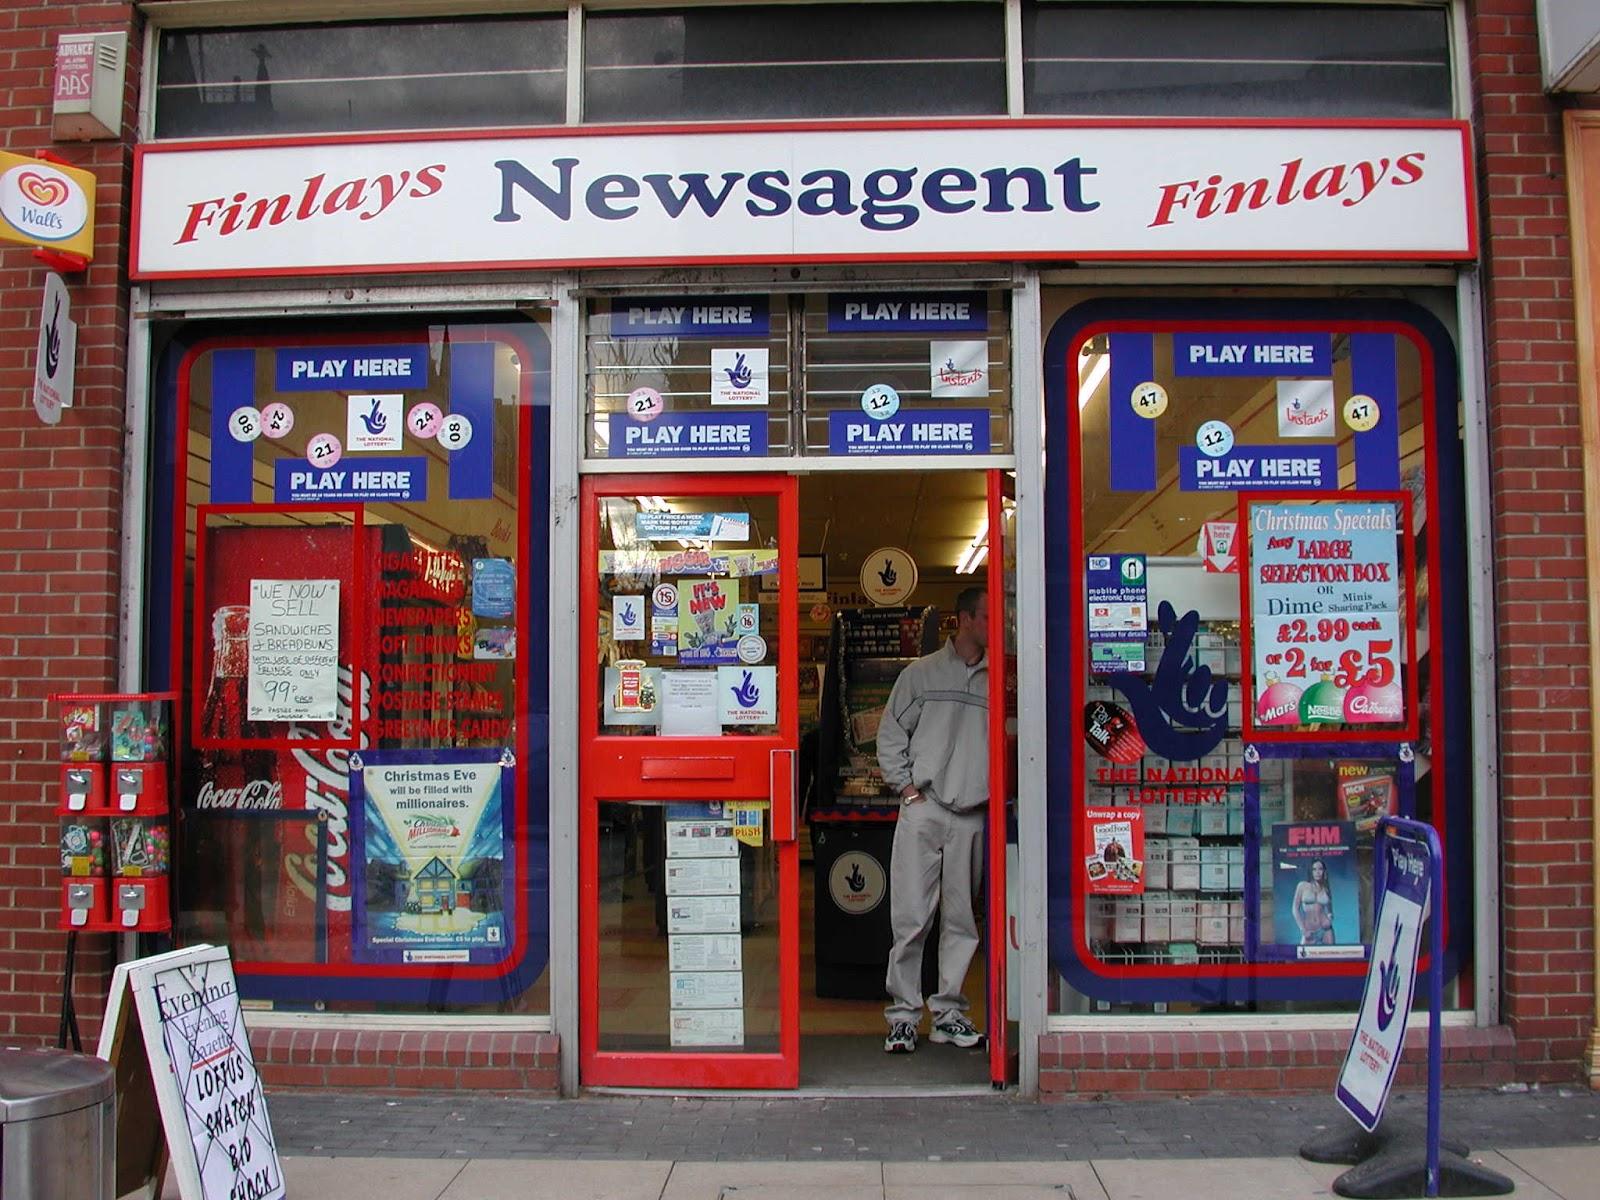 a comparison of sainsburys and pak newsagents for portfolio comparison